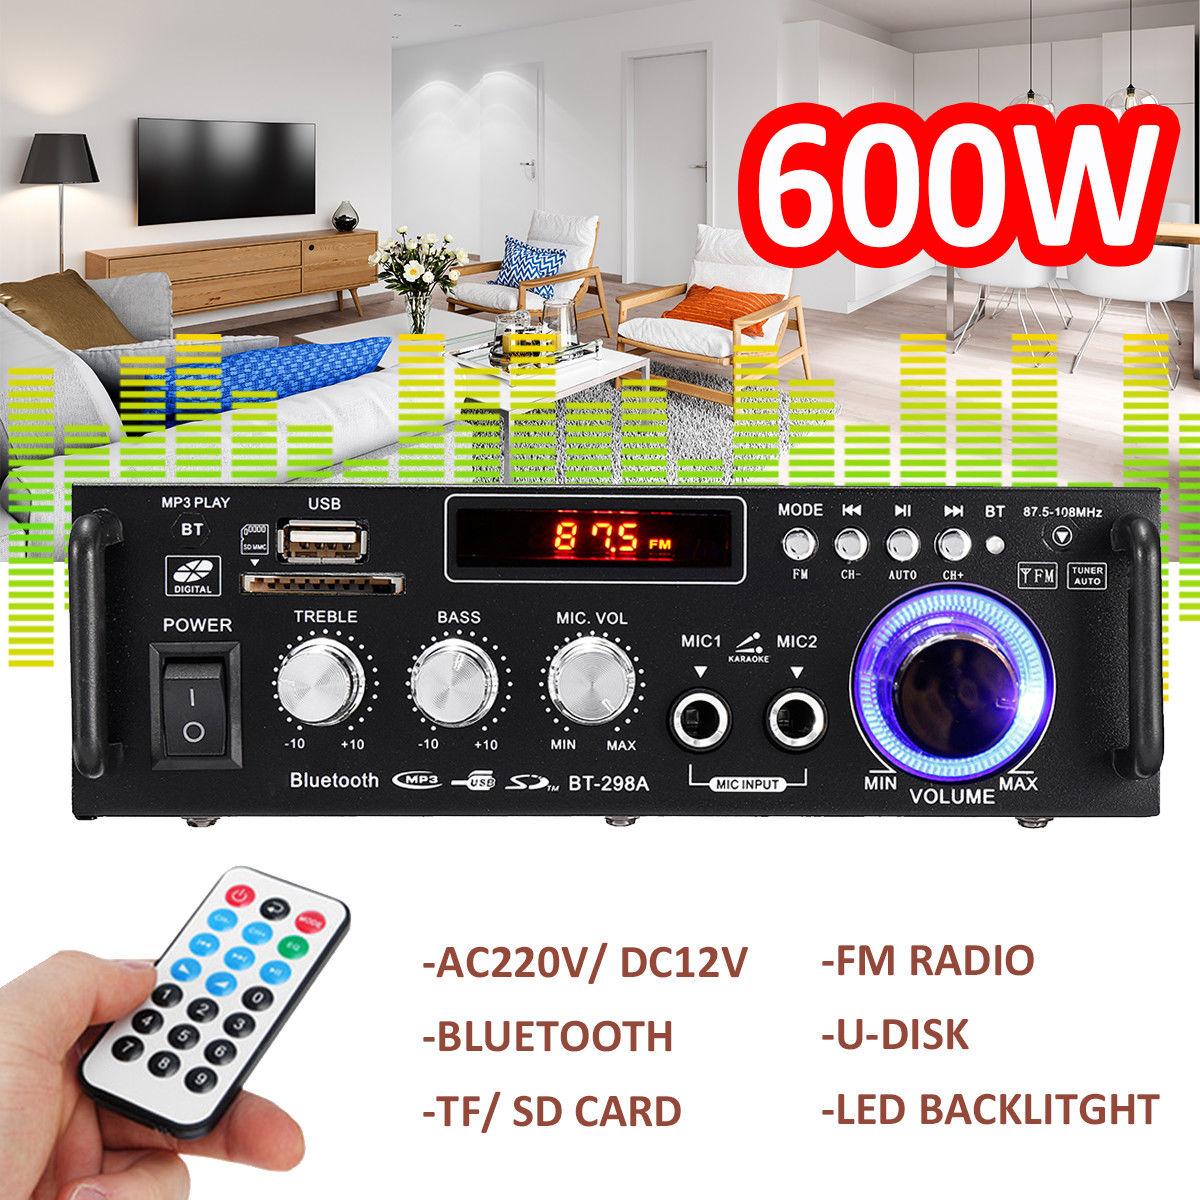 Купить 600 Вт дома Усилители звука <b>Bluetooth</b> разъем ...